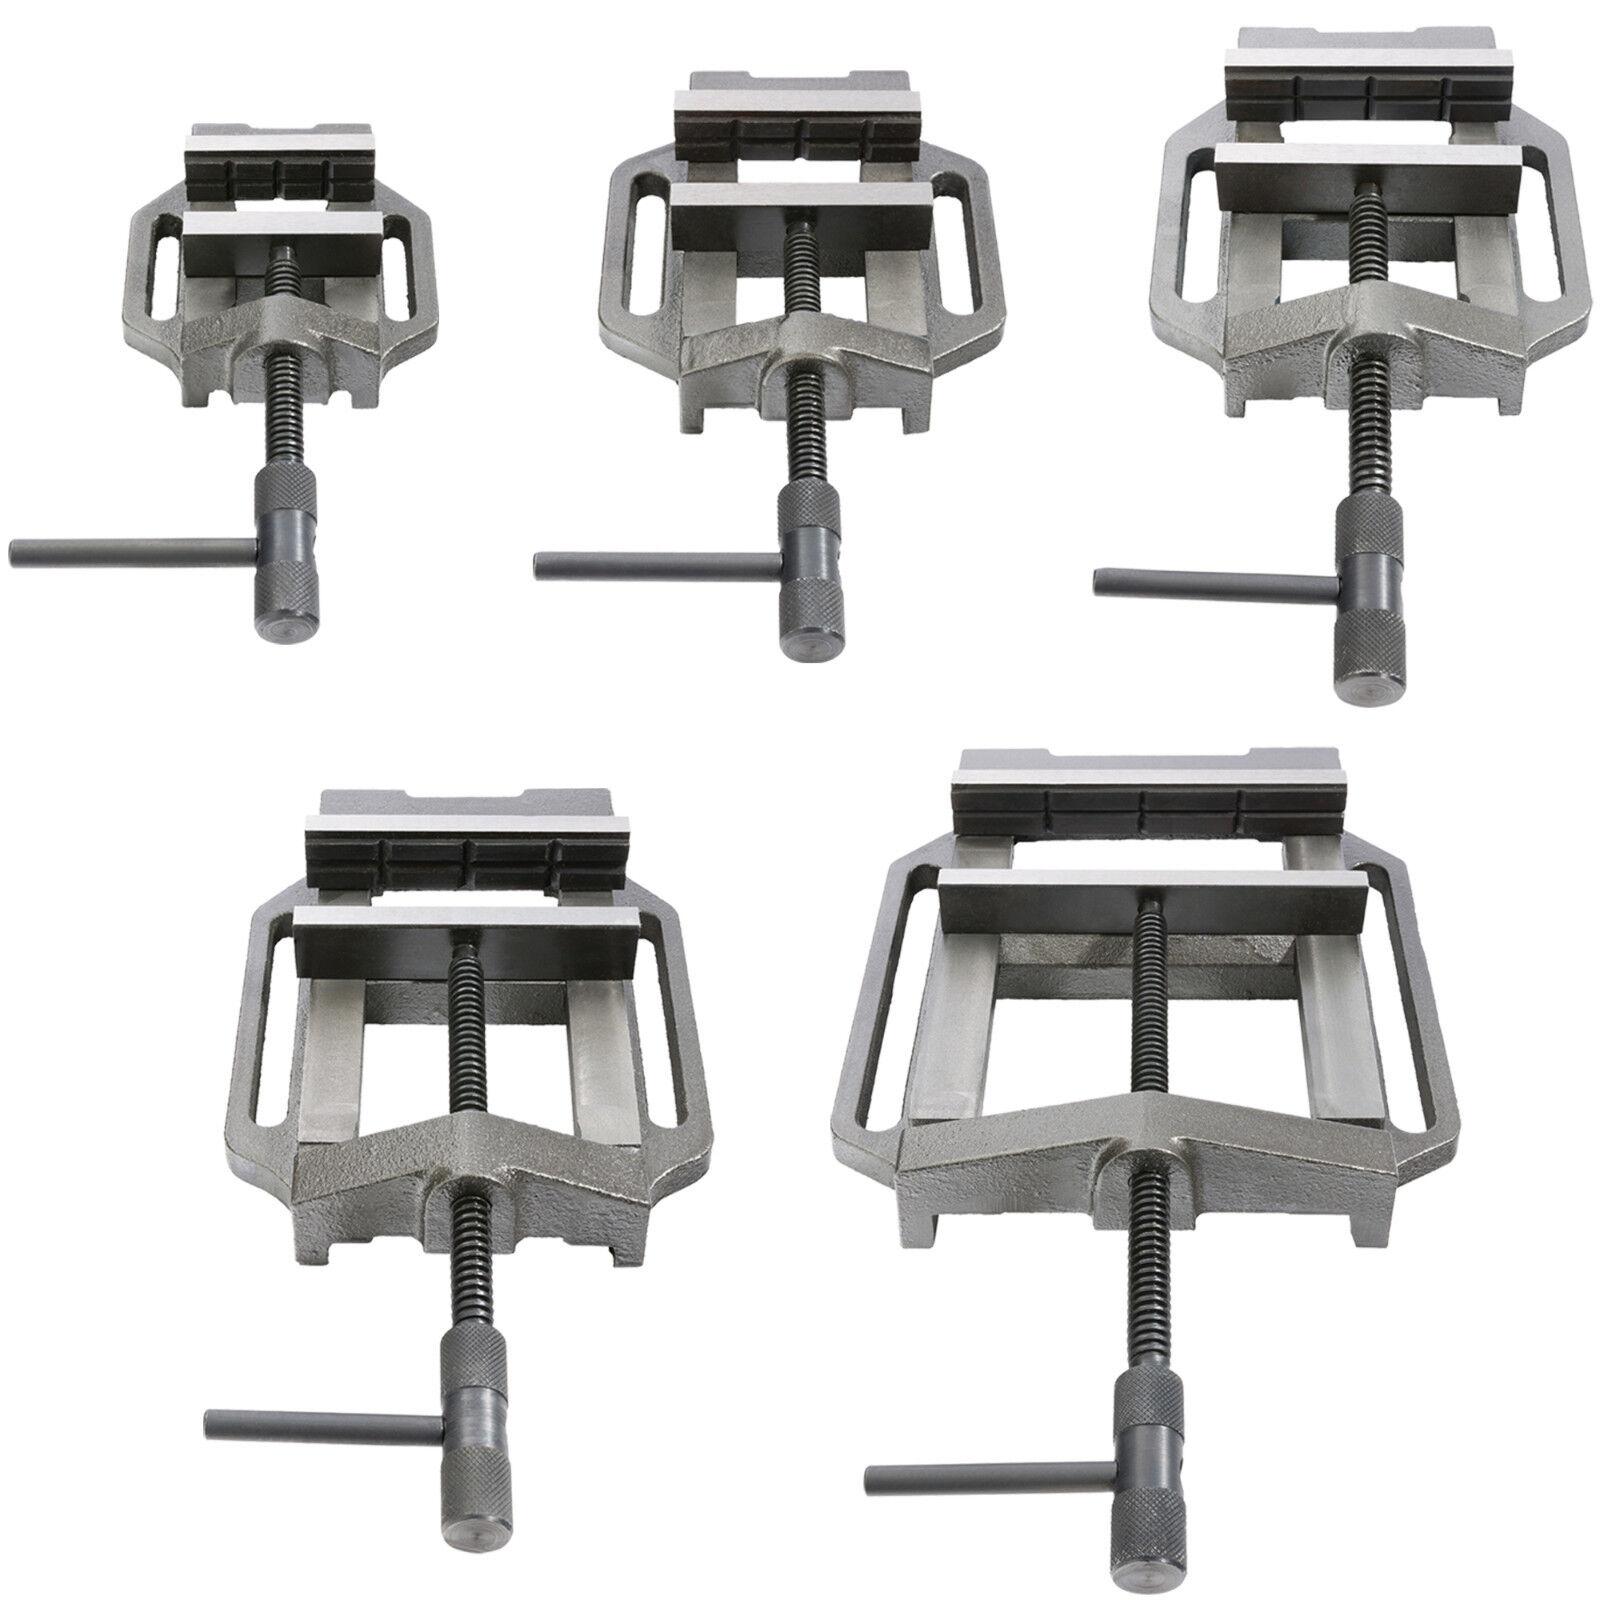 Maschinenschraubstock Schraubstock für Tischbohrmaschine Ständerbohrmaschine